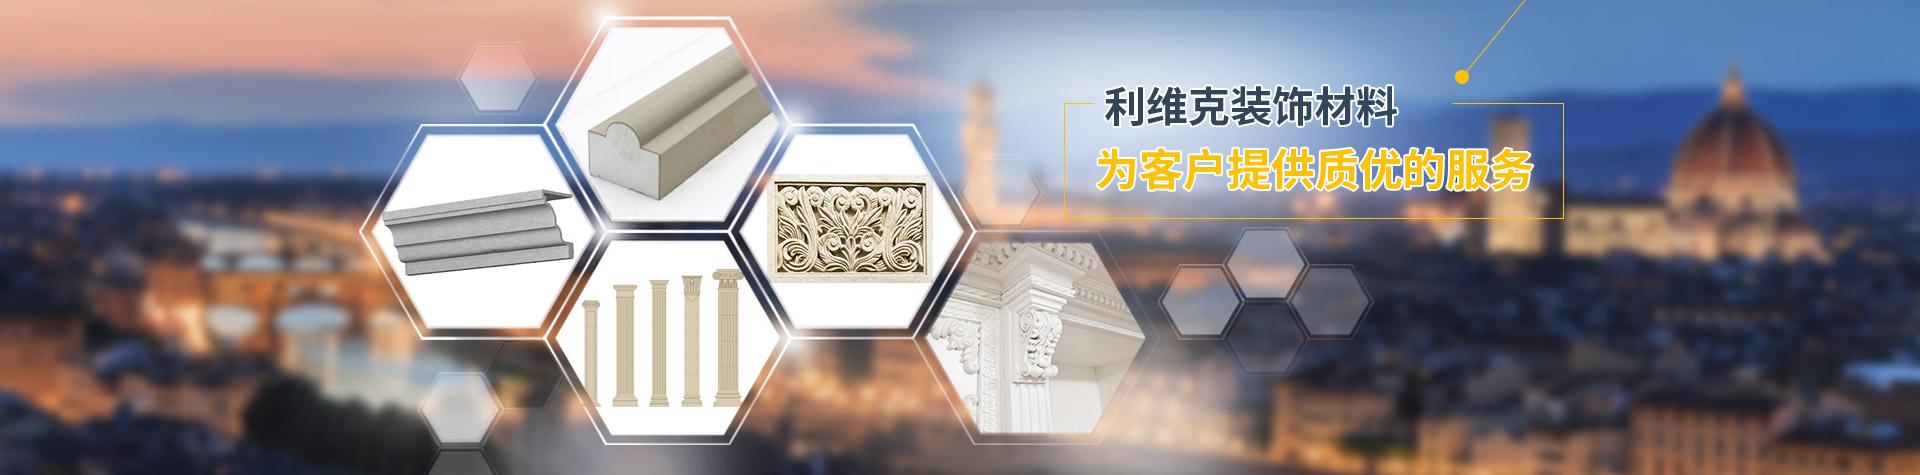 上海GRC雕塑浮雕 欢迎咨询 苏州利维克装饰材料供应